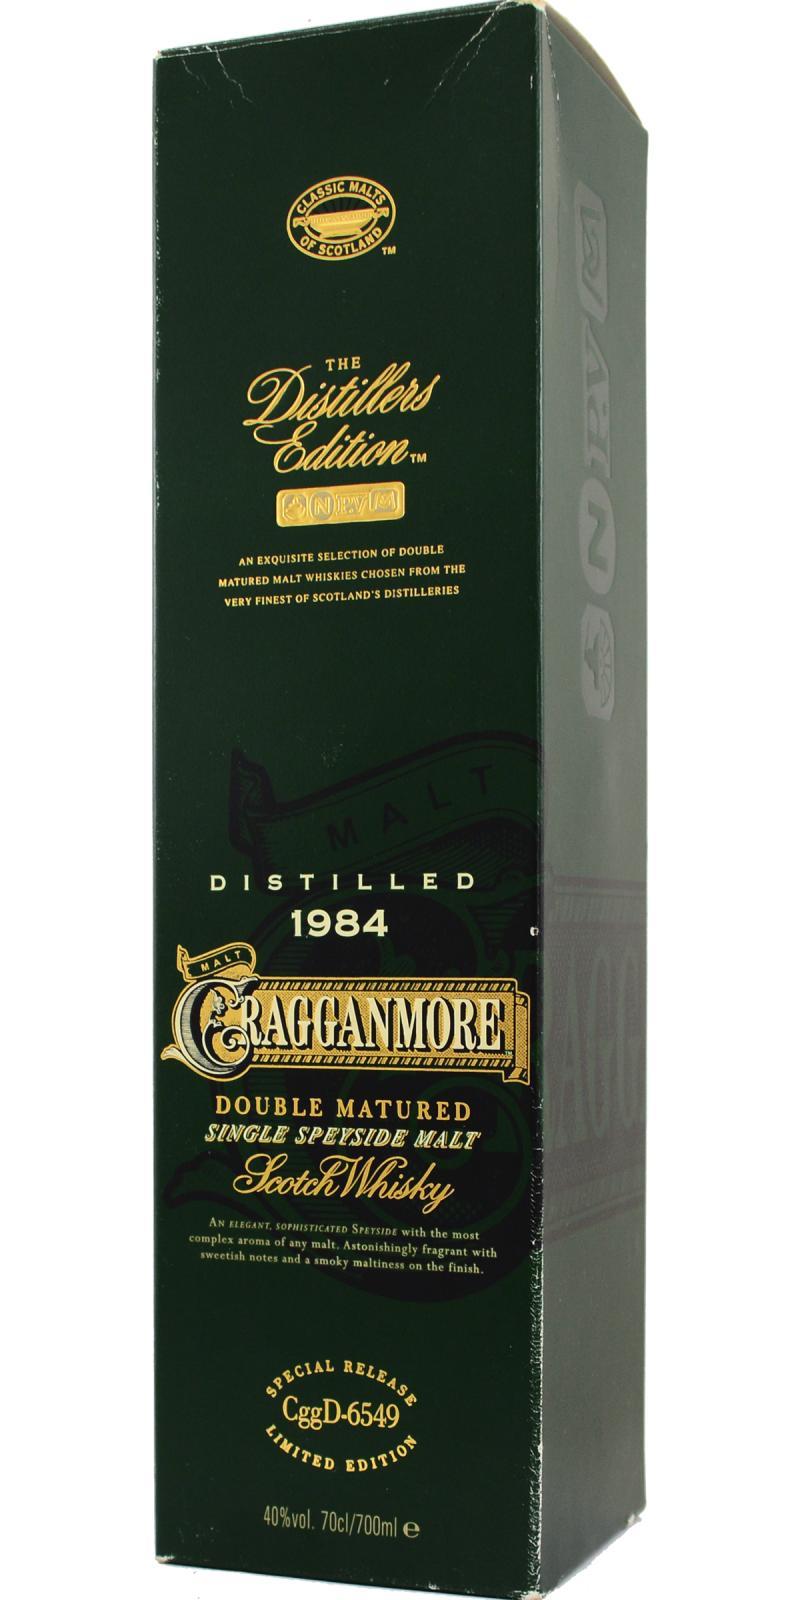 Cragganmore 1984